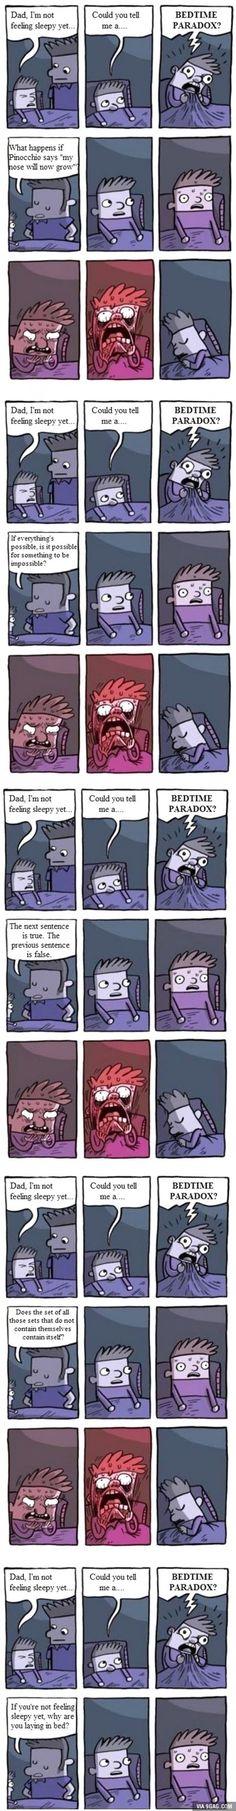 Bedtime paradox!!!